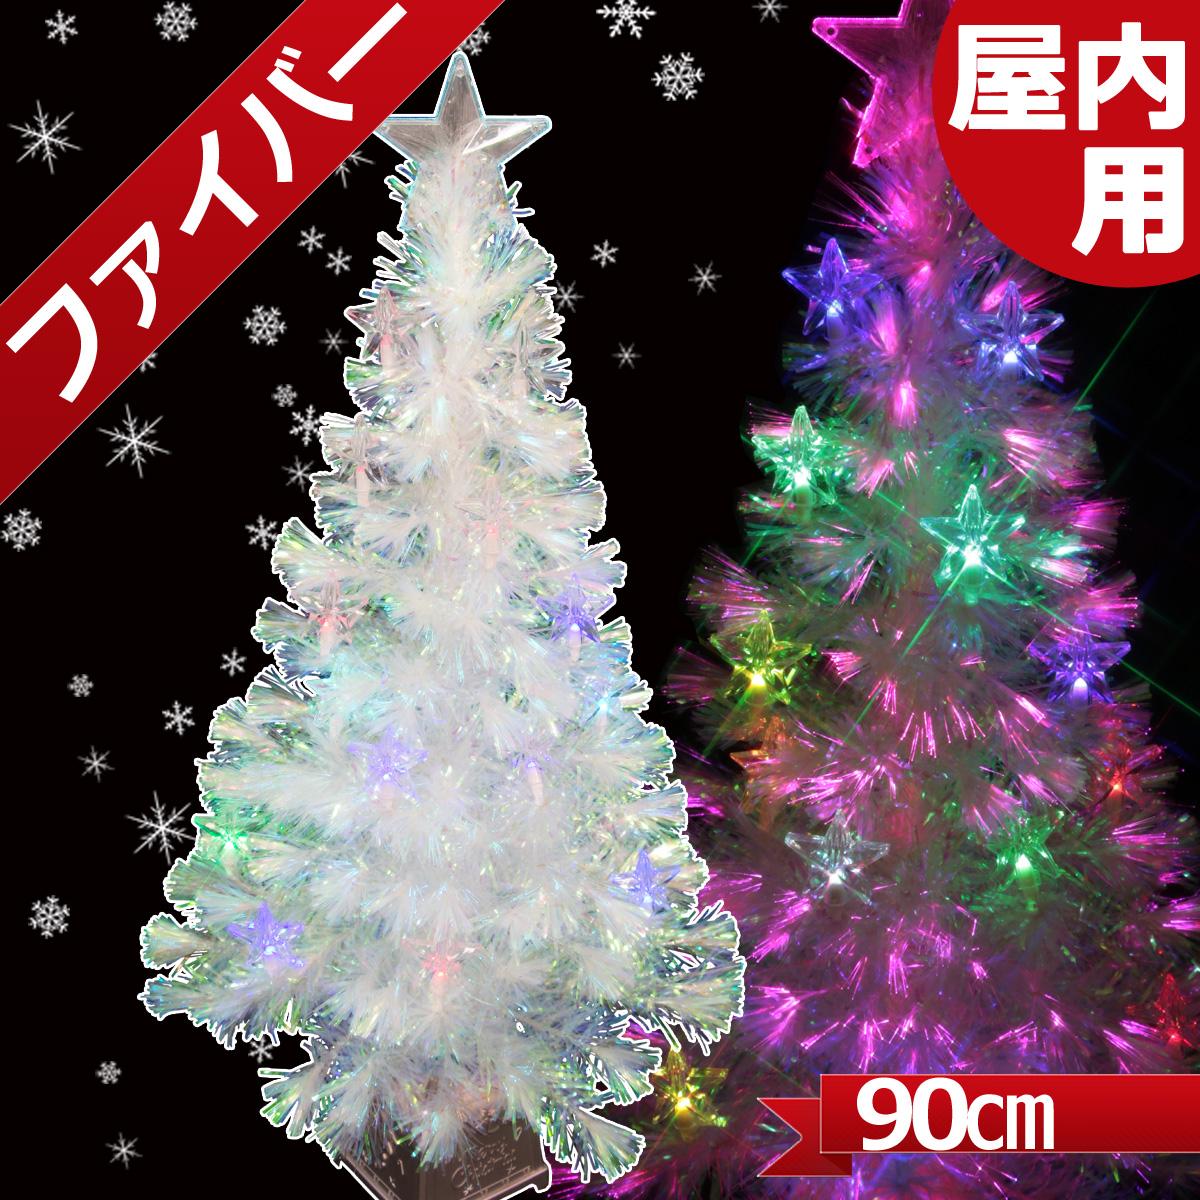 クリスマスツリー ファイバー 90cm LEDスター付き チェンジング ファイバーツリー 北欧 おしゃれ 【10月下旬入荷予定】